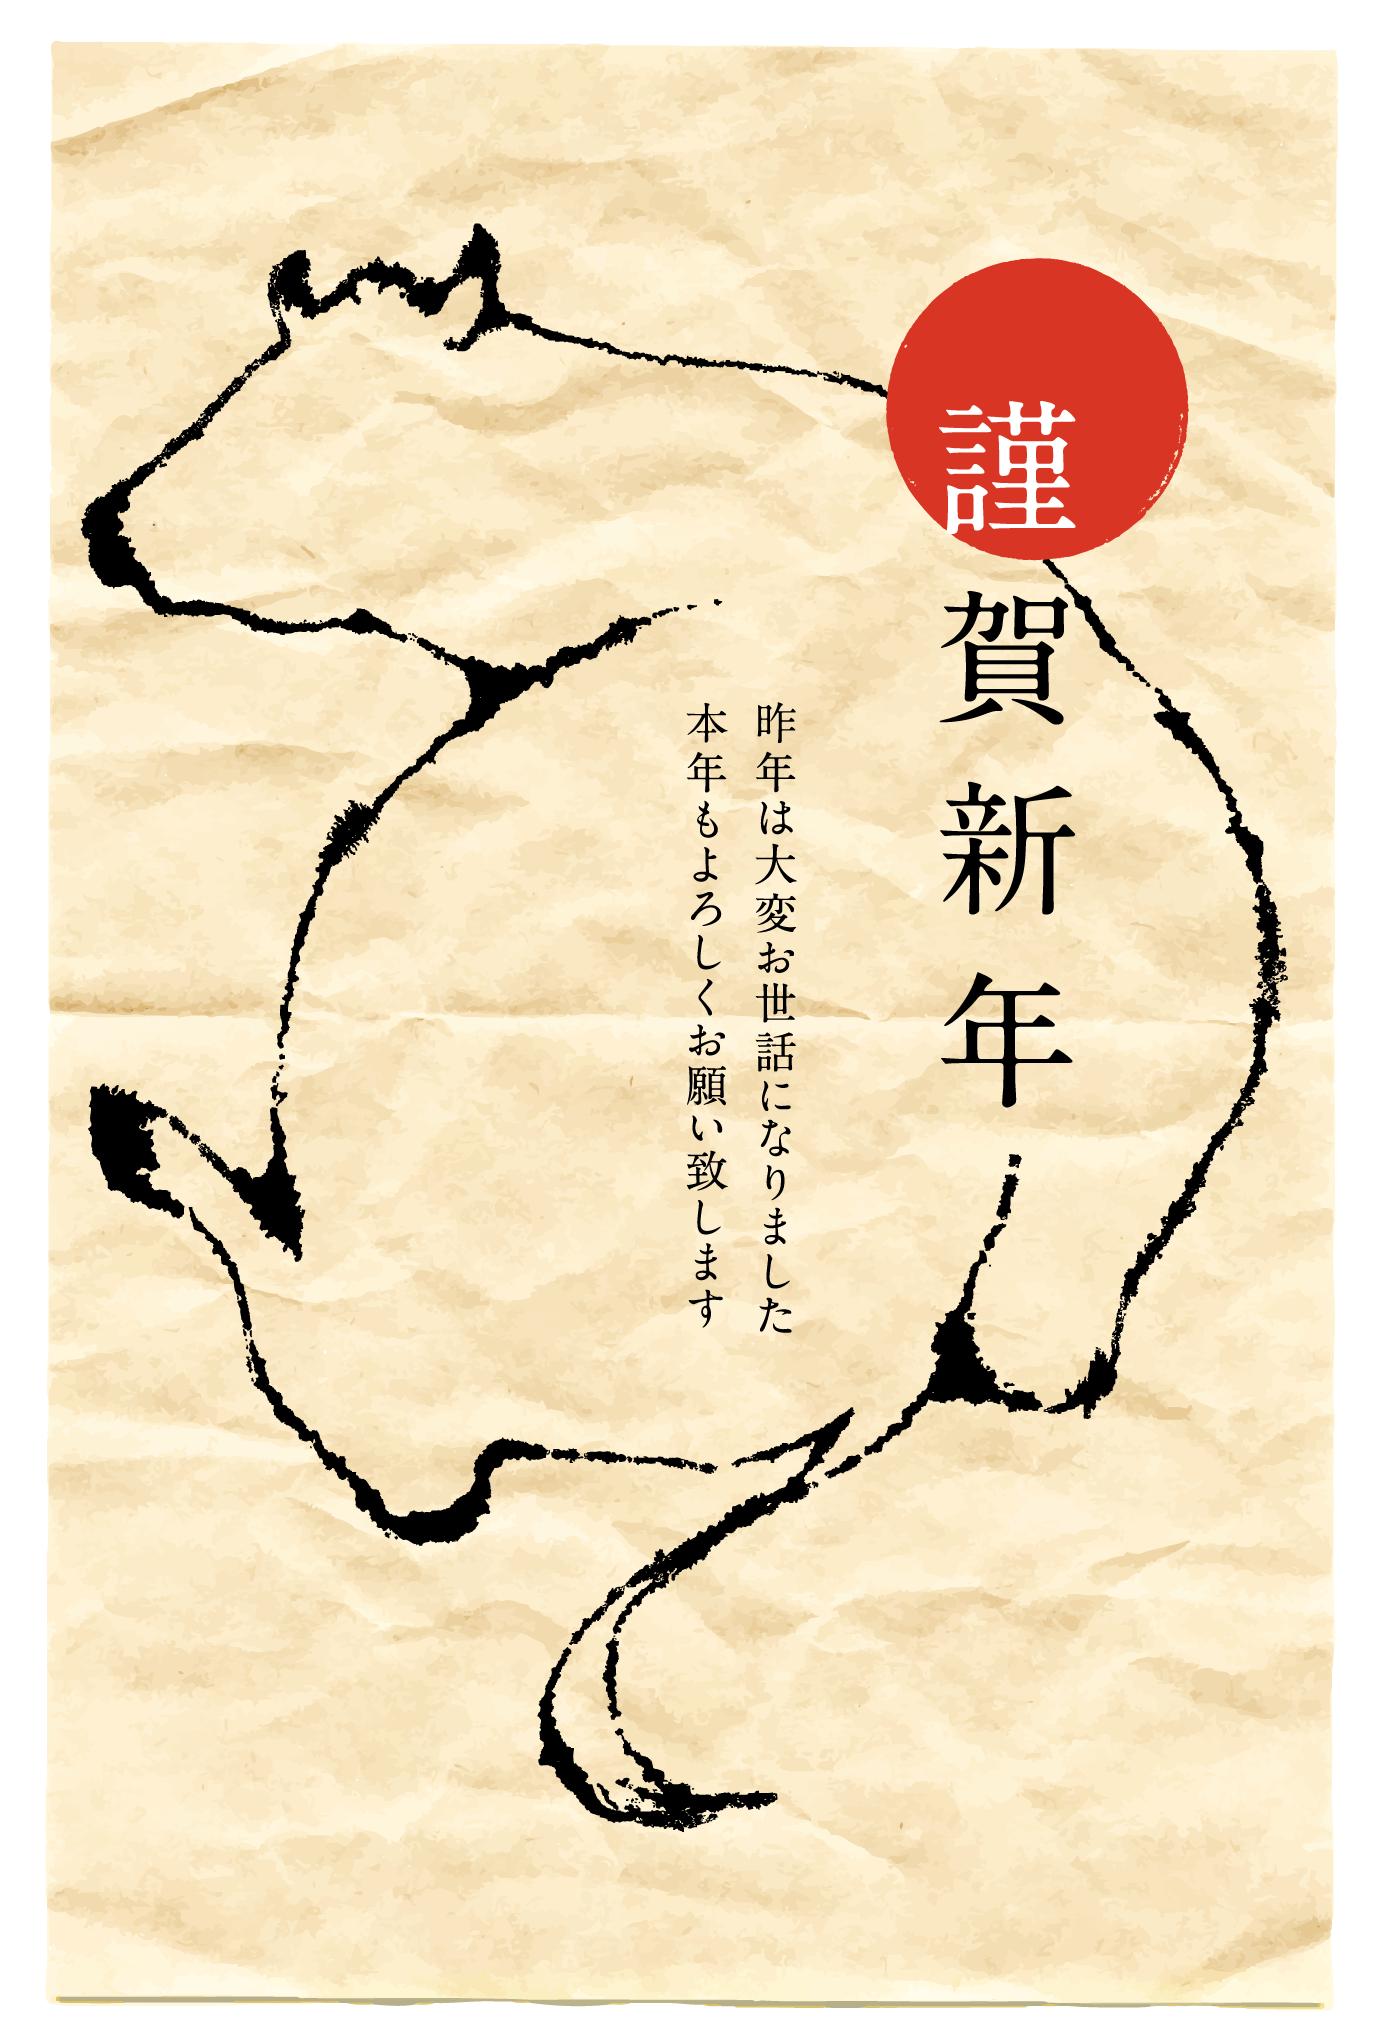 2009年賀状19:謹賀新年 / 1のダウンロード画像